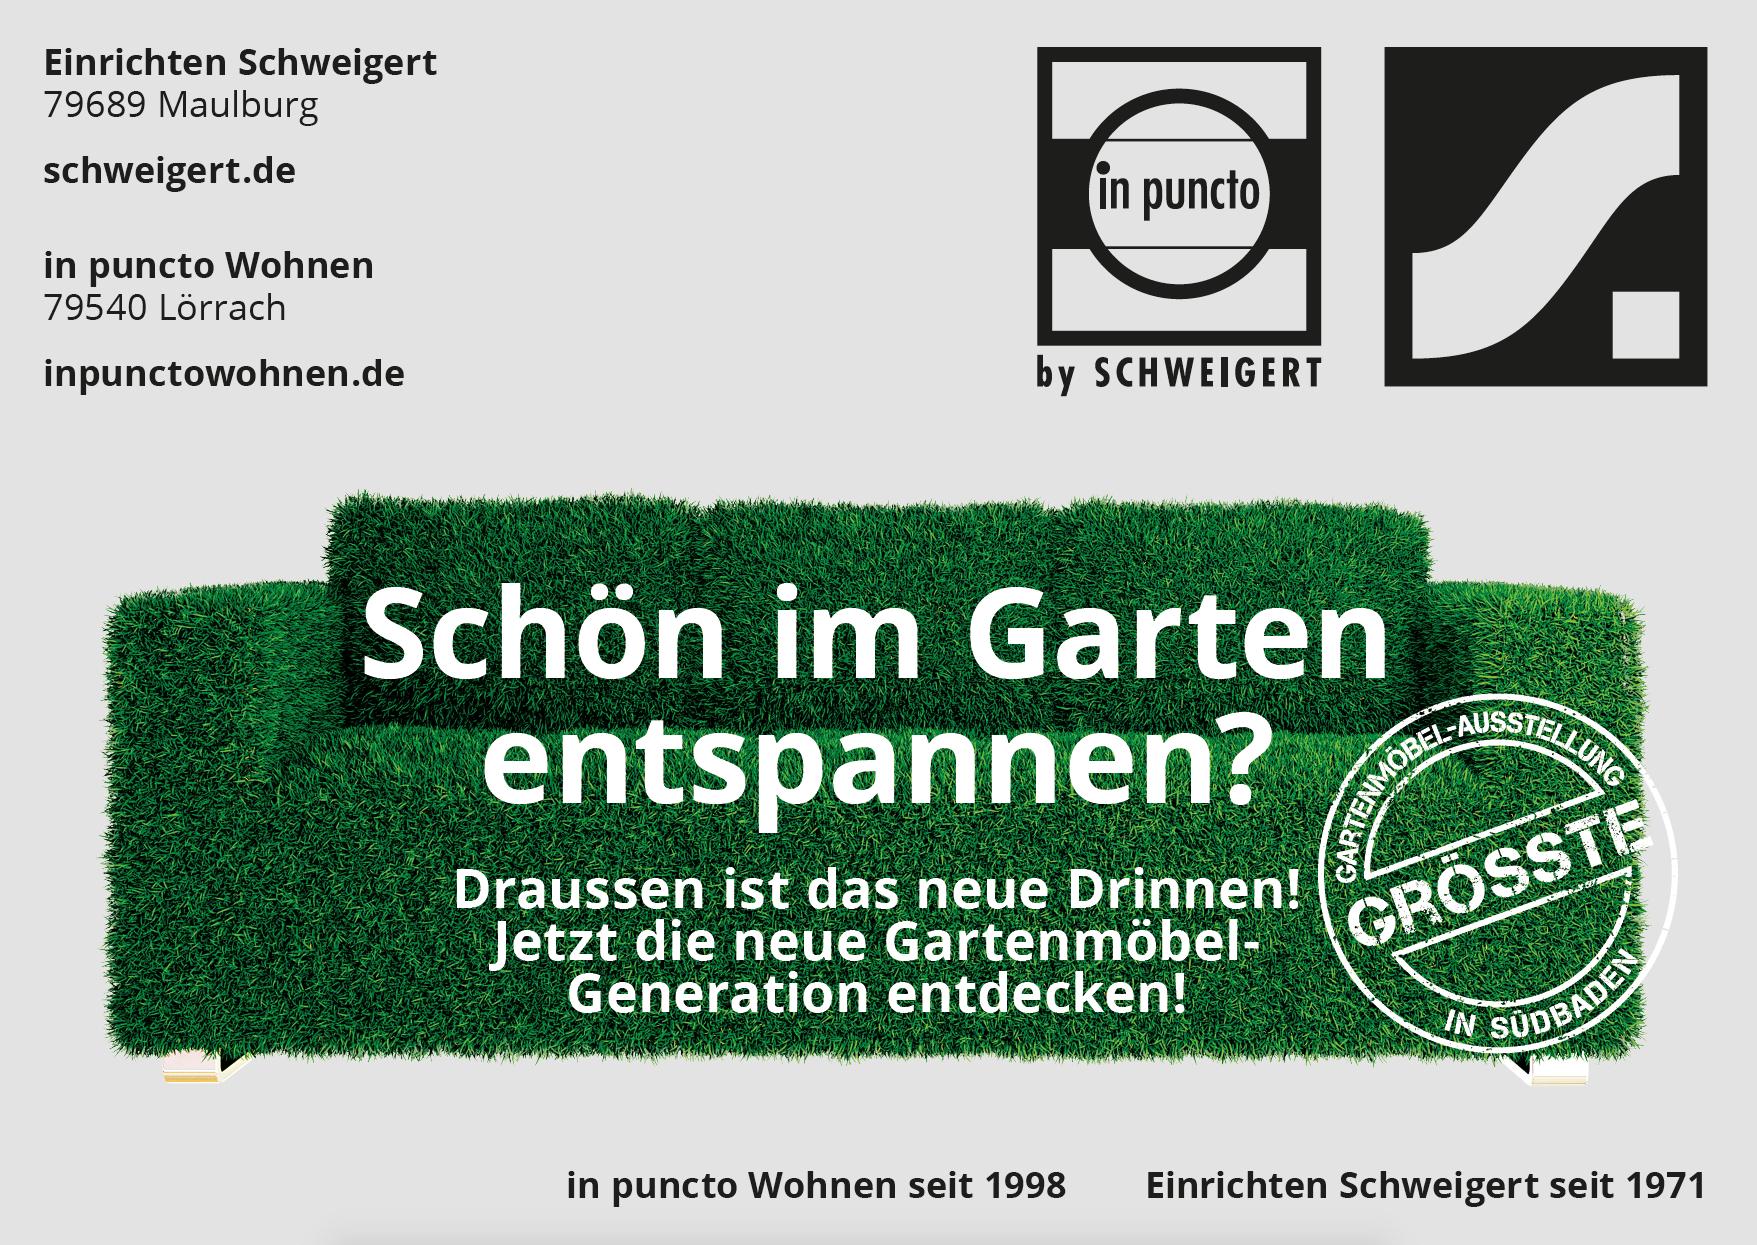 14f31140d3d182 Dass  Einrichten Schweigert  und  in puncto Wohnen  die größte  Gartenmöbel-Ausstellung in Südbaden haben